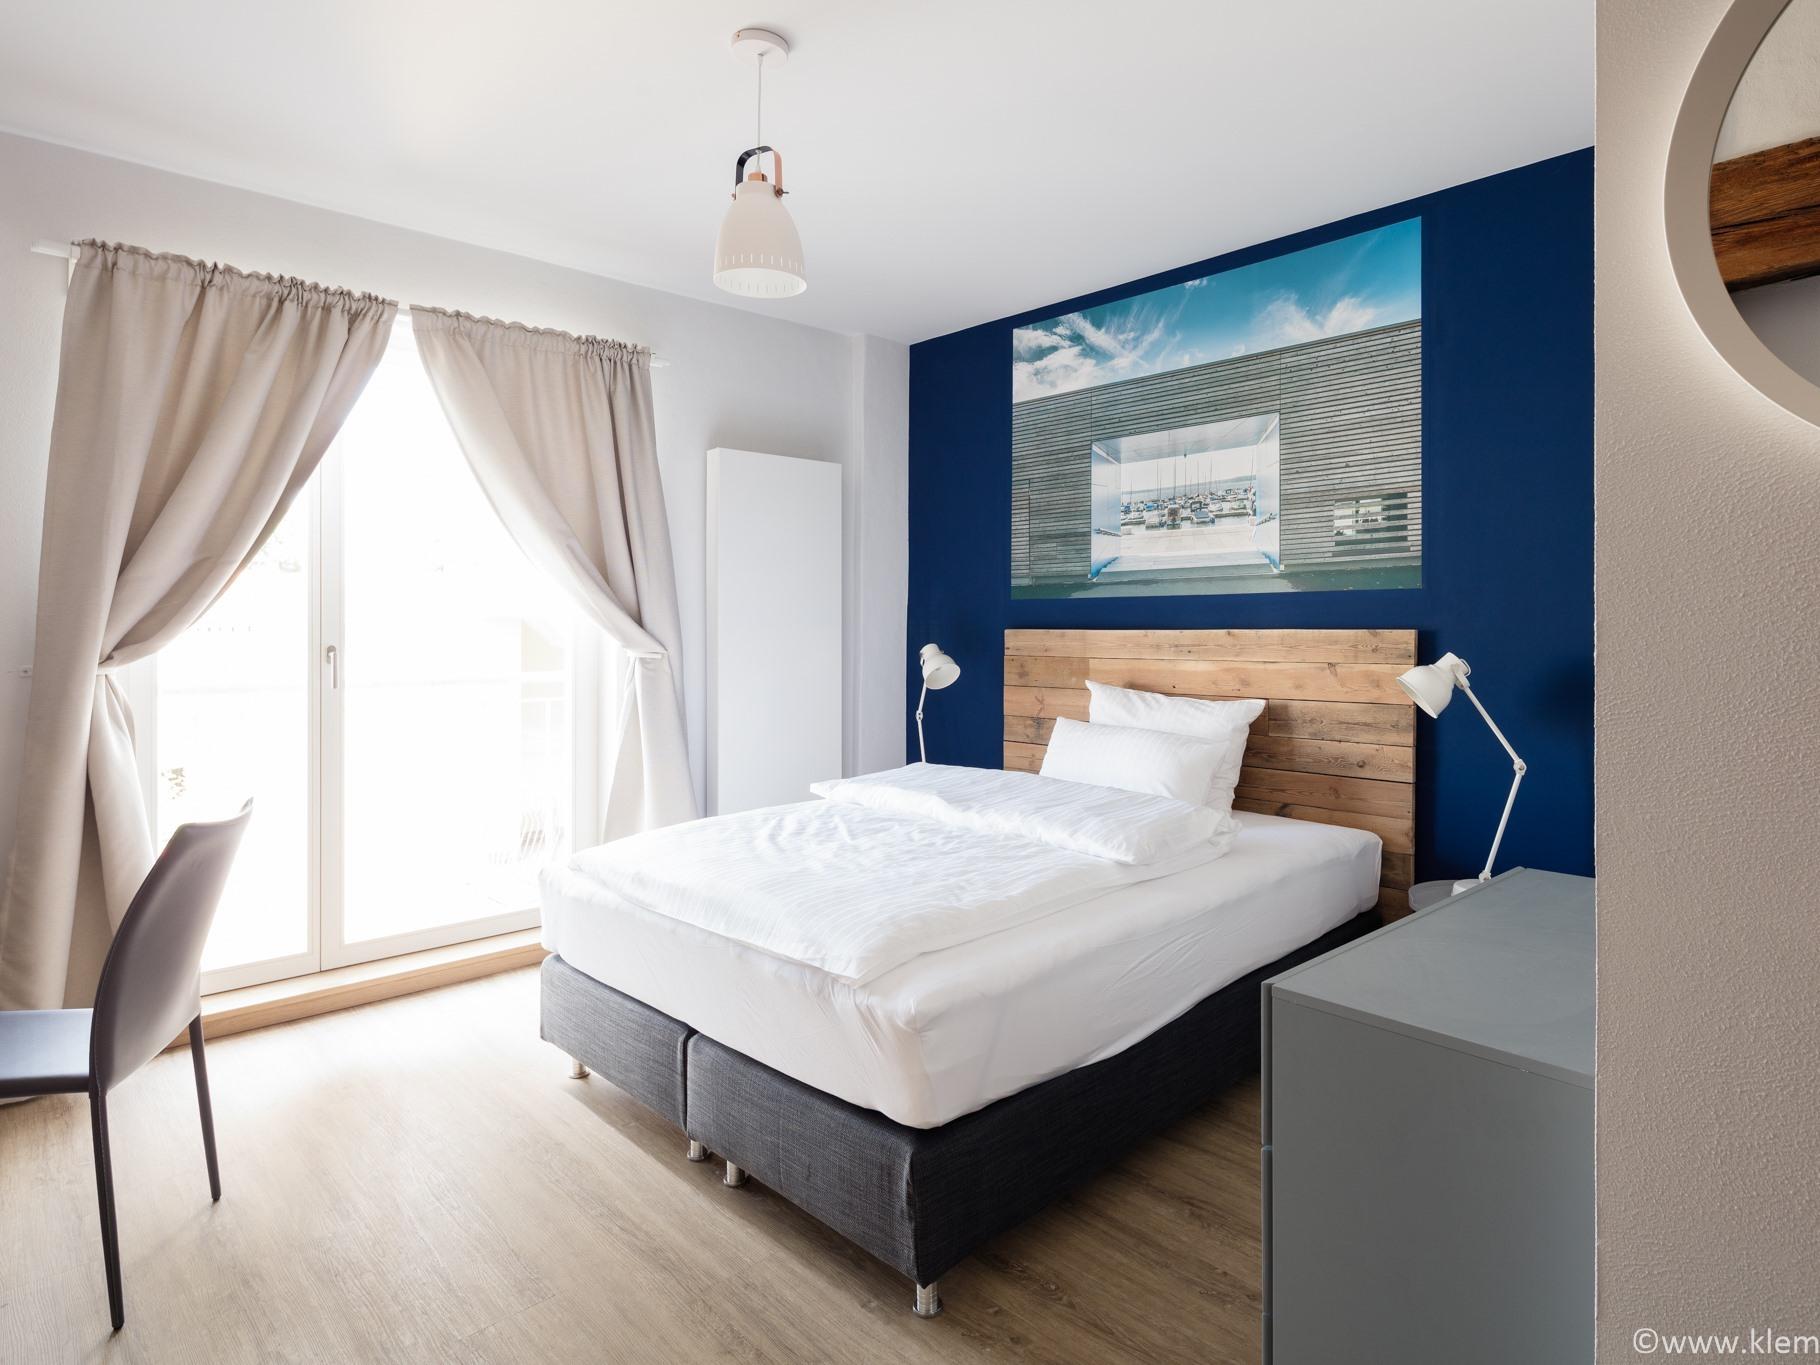 Deluxe-Doppelzimmer-Eigenes Badezimmer - Standardpreis